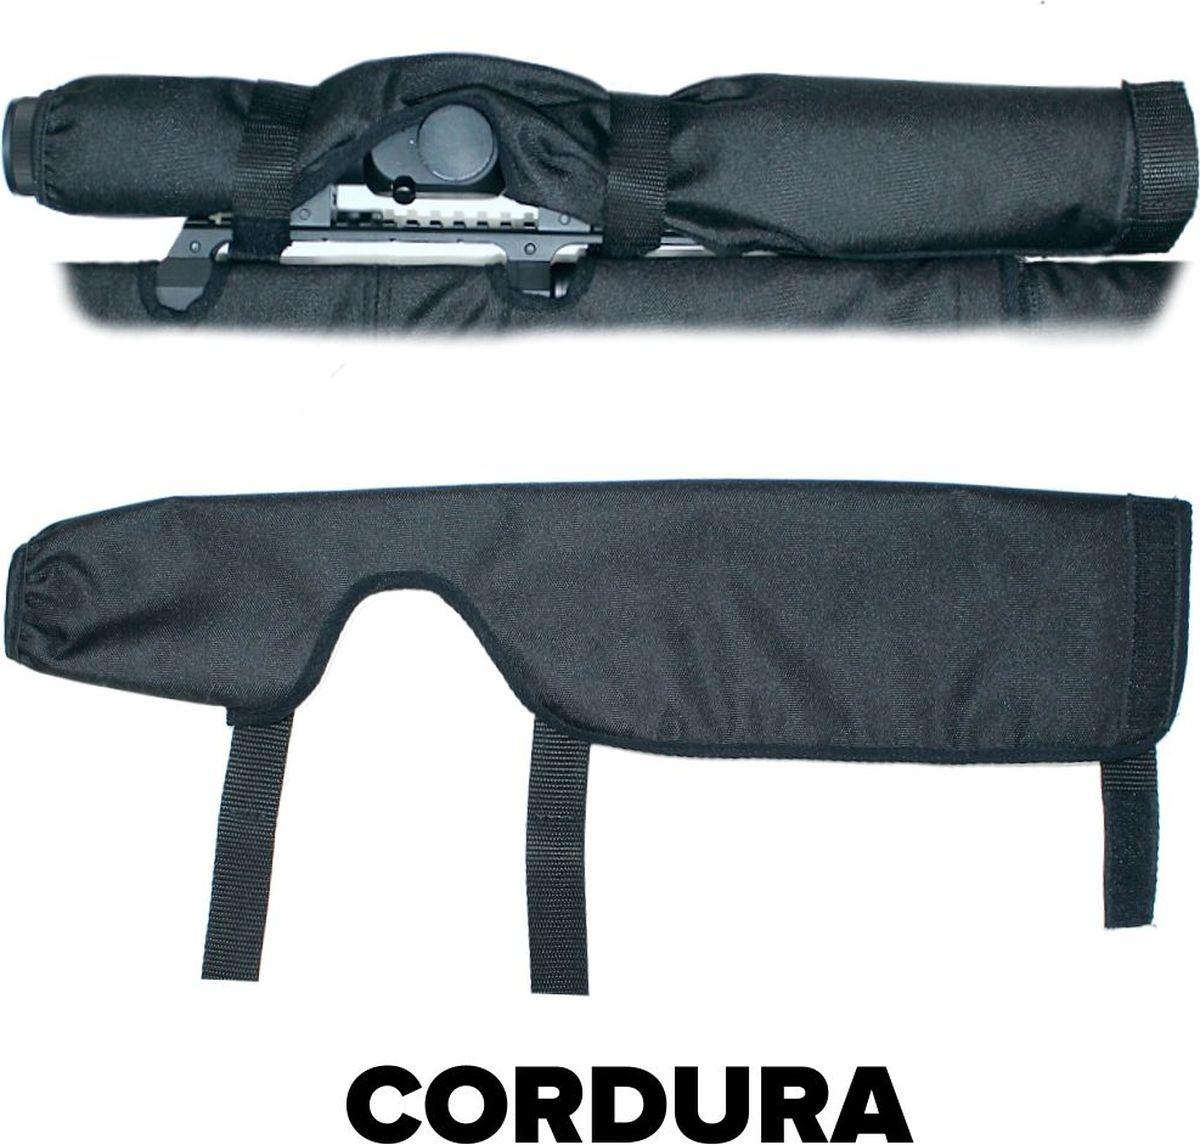 Чехол на прицел Tplus, Cordura 900, цвет: черный, 300 ммT008190Предназначен для защиты анокса прицела, имеет подклад из флиса.